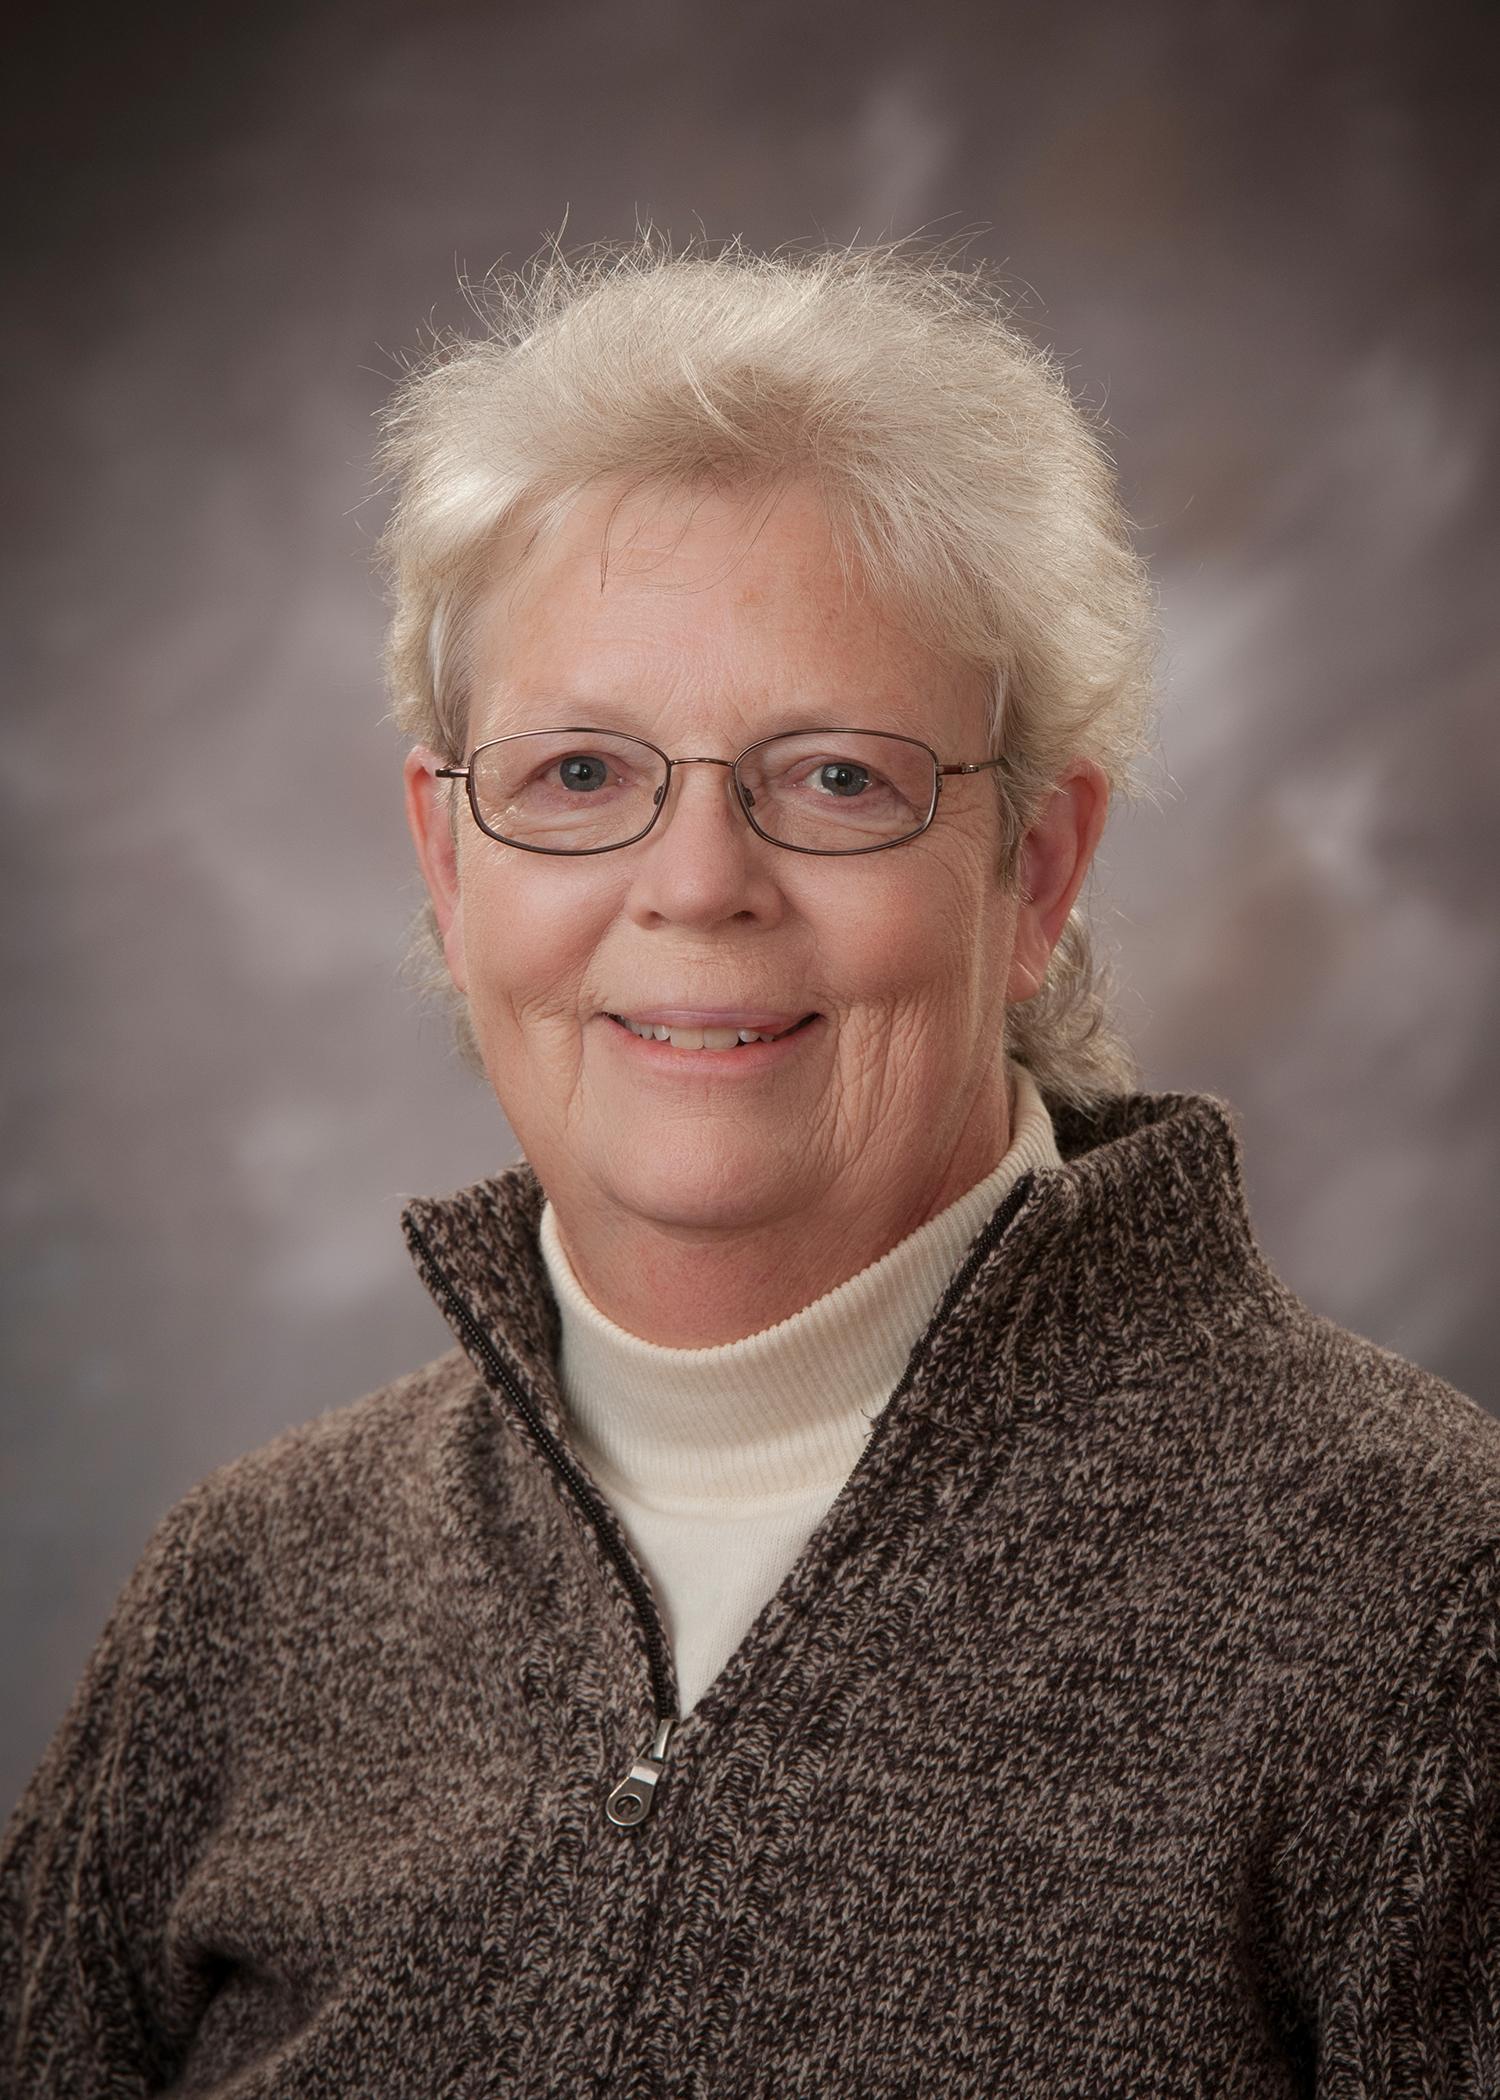 Gail Burruss